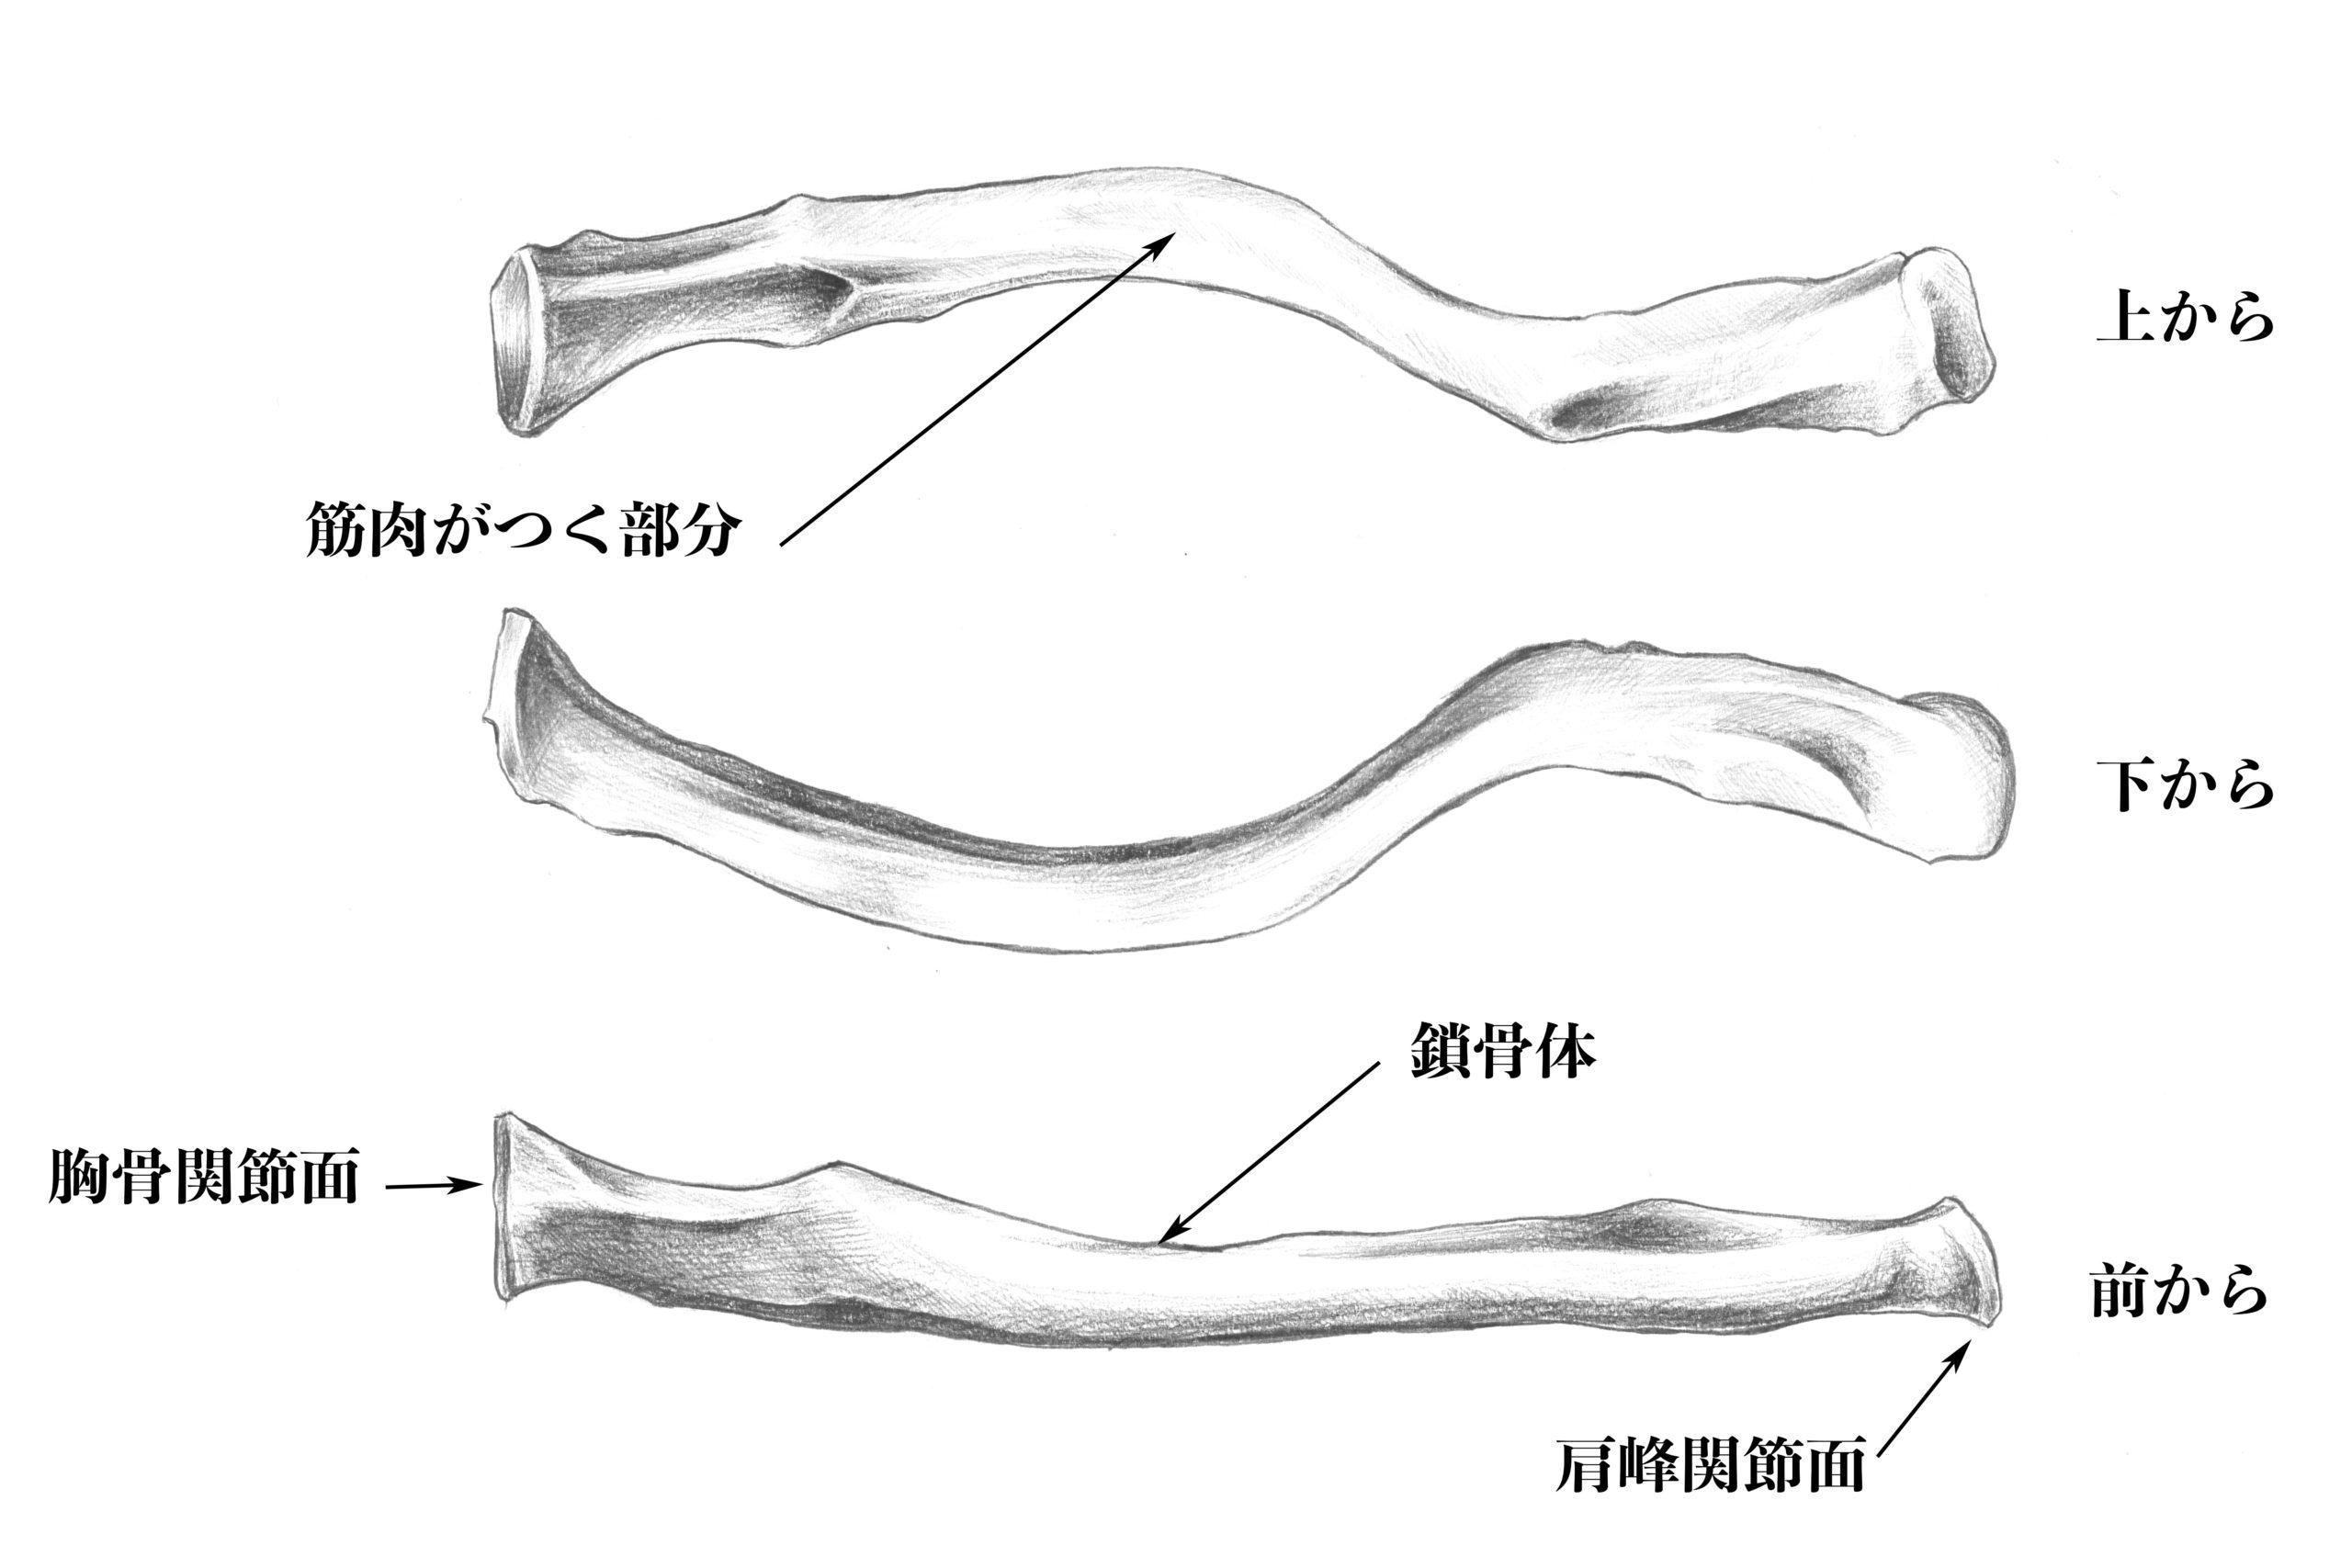 肩周りの関節のスケッチ